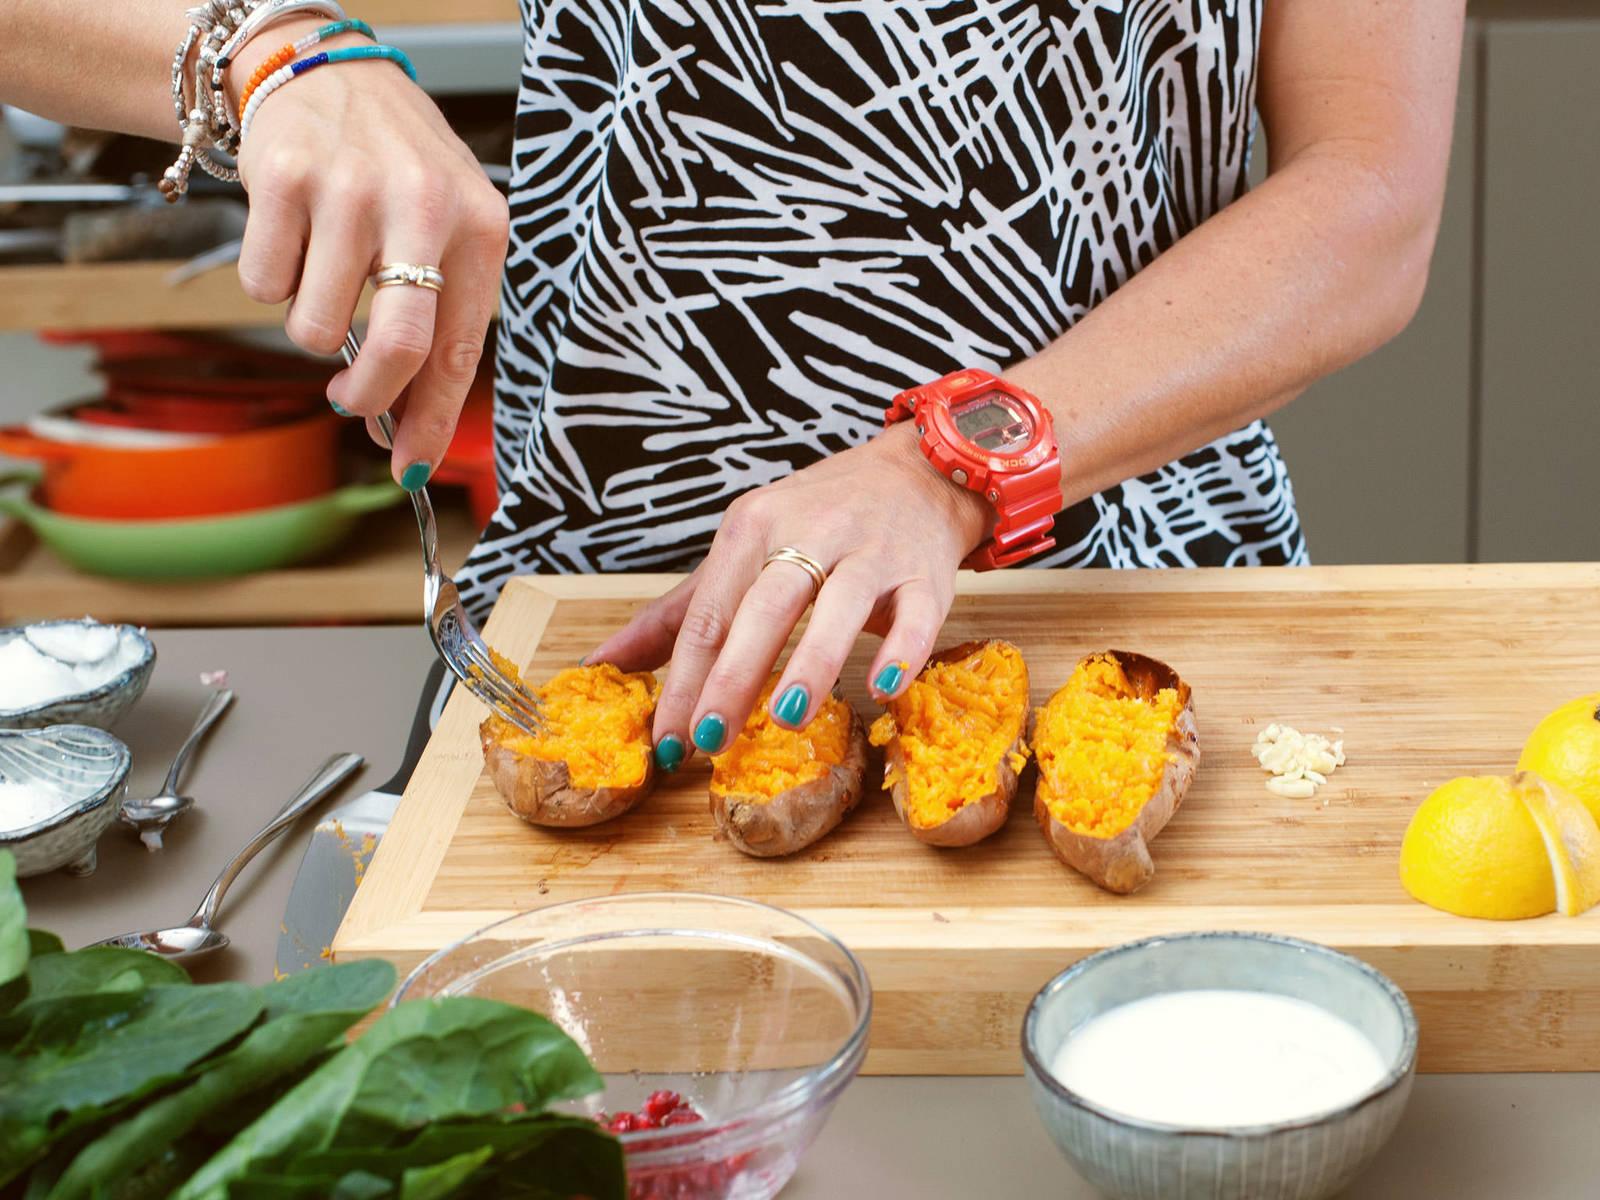 从烤箱中取出红薯并切半。将剩余的椰油分别涂在红薯上,再用叉子将红薯肉擦碎。